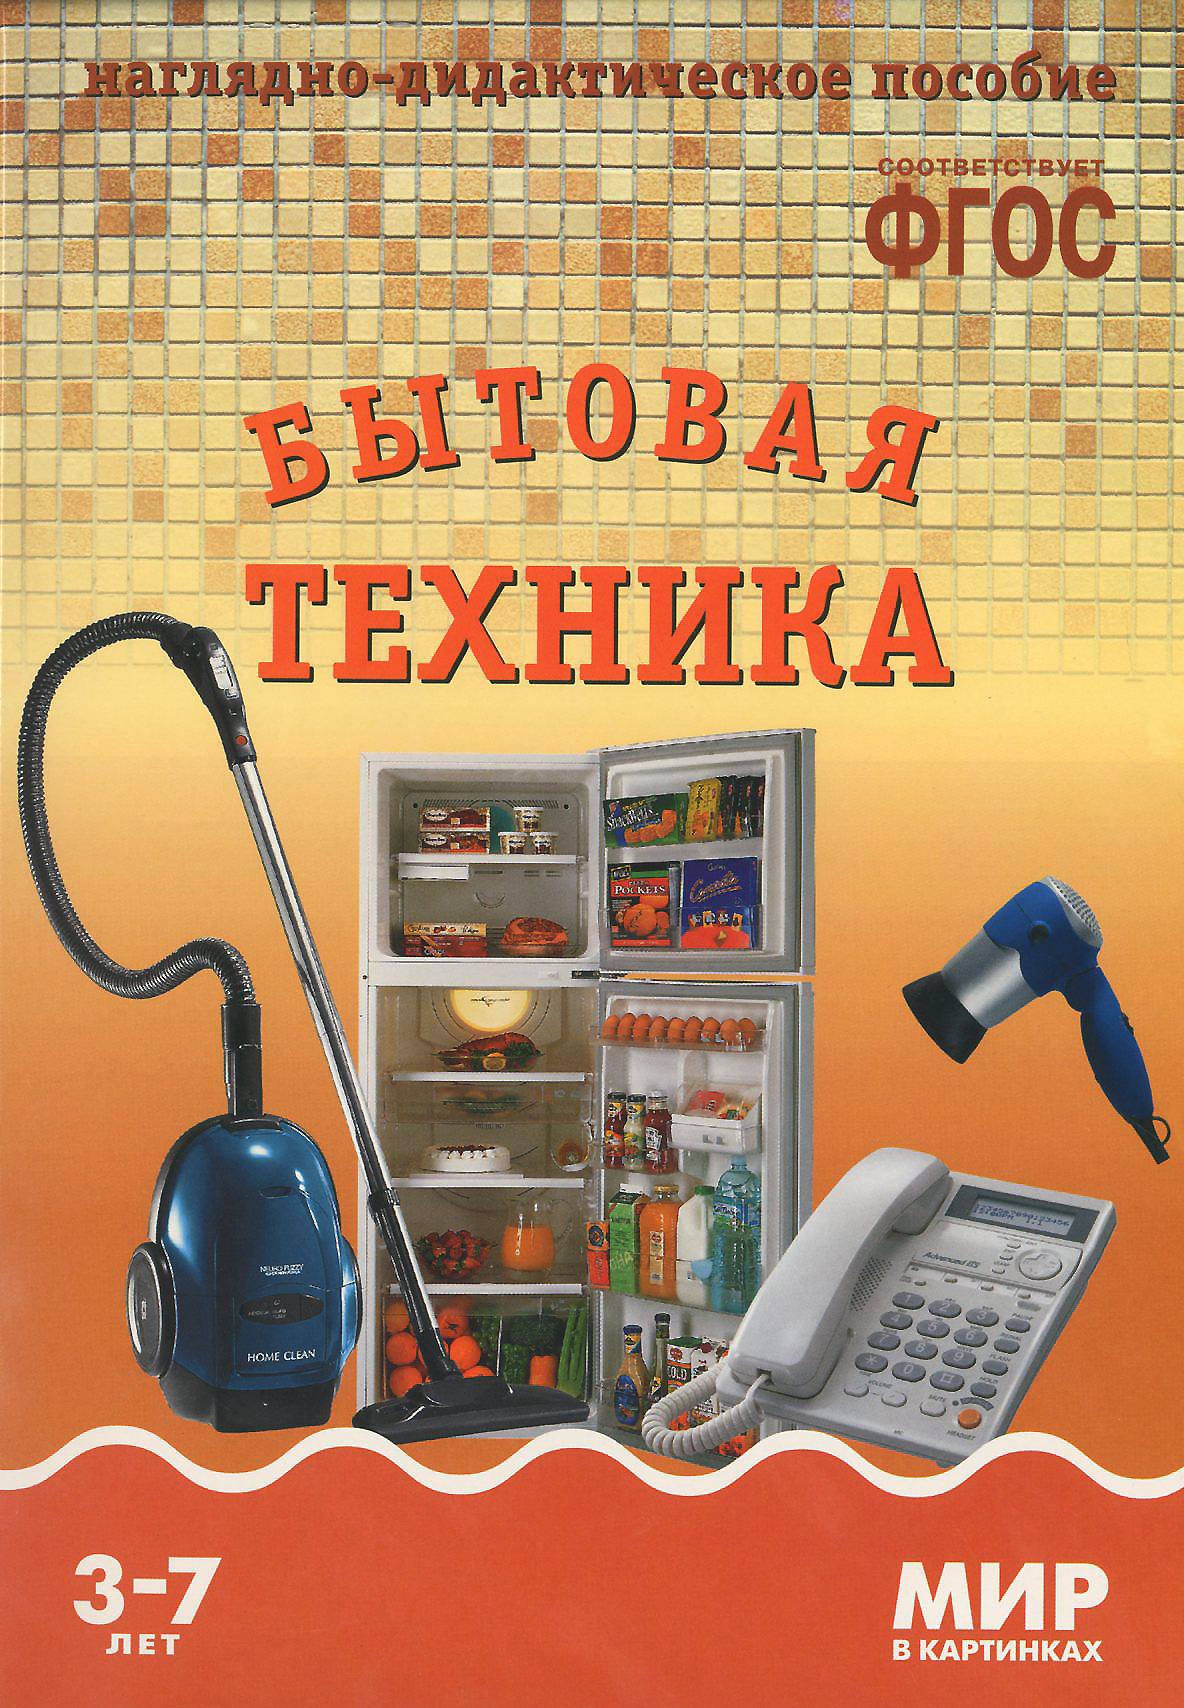 Т. Минишева Бытовая техника. Наглядно-дидактическое пособие